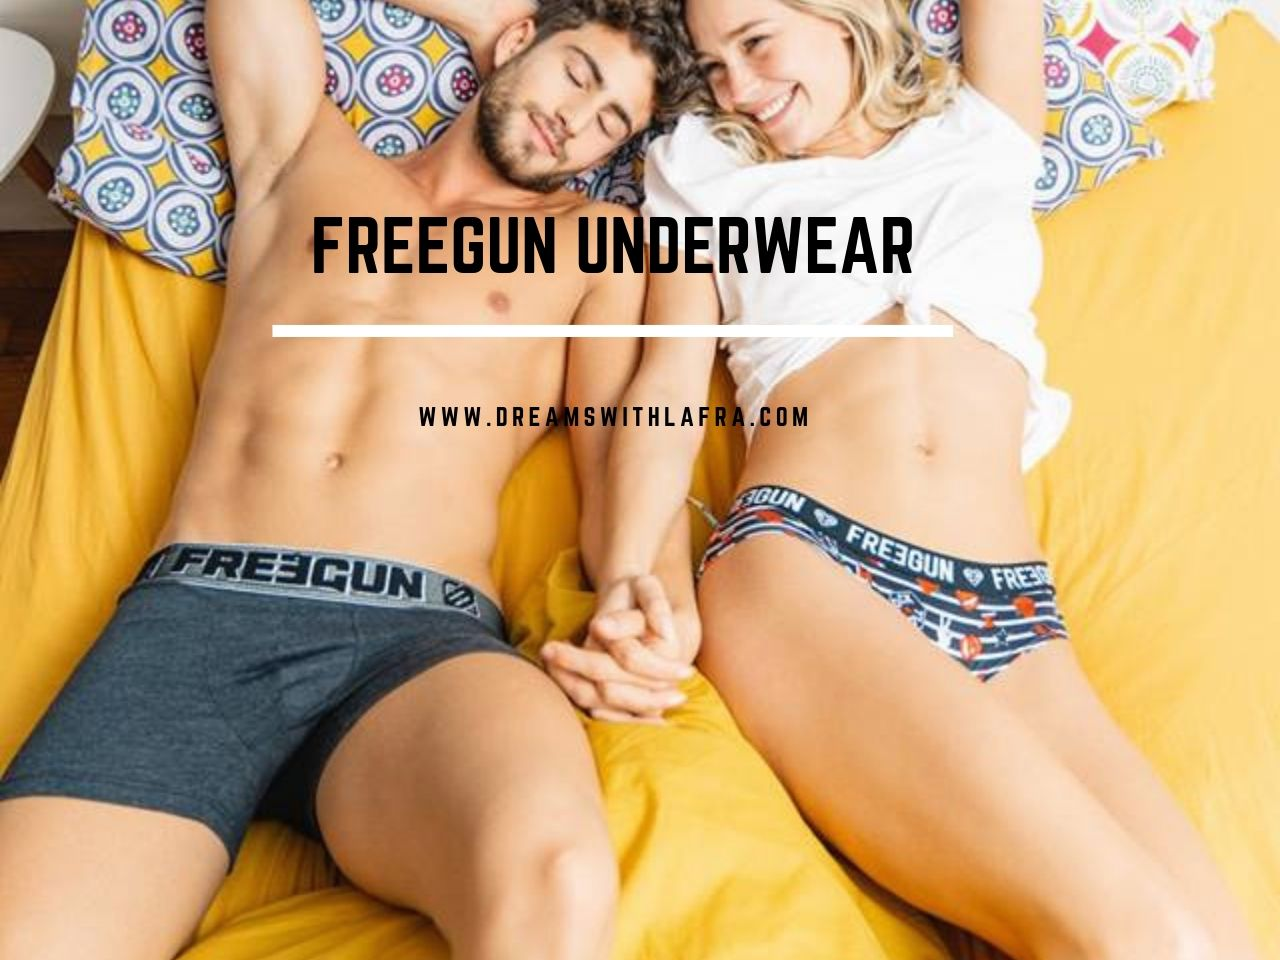 Freegun underwear